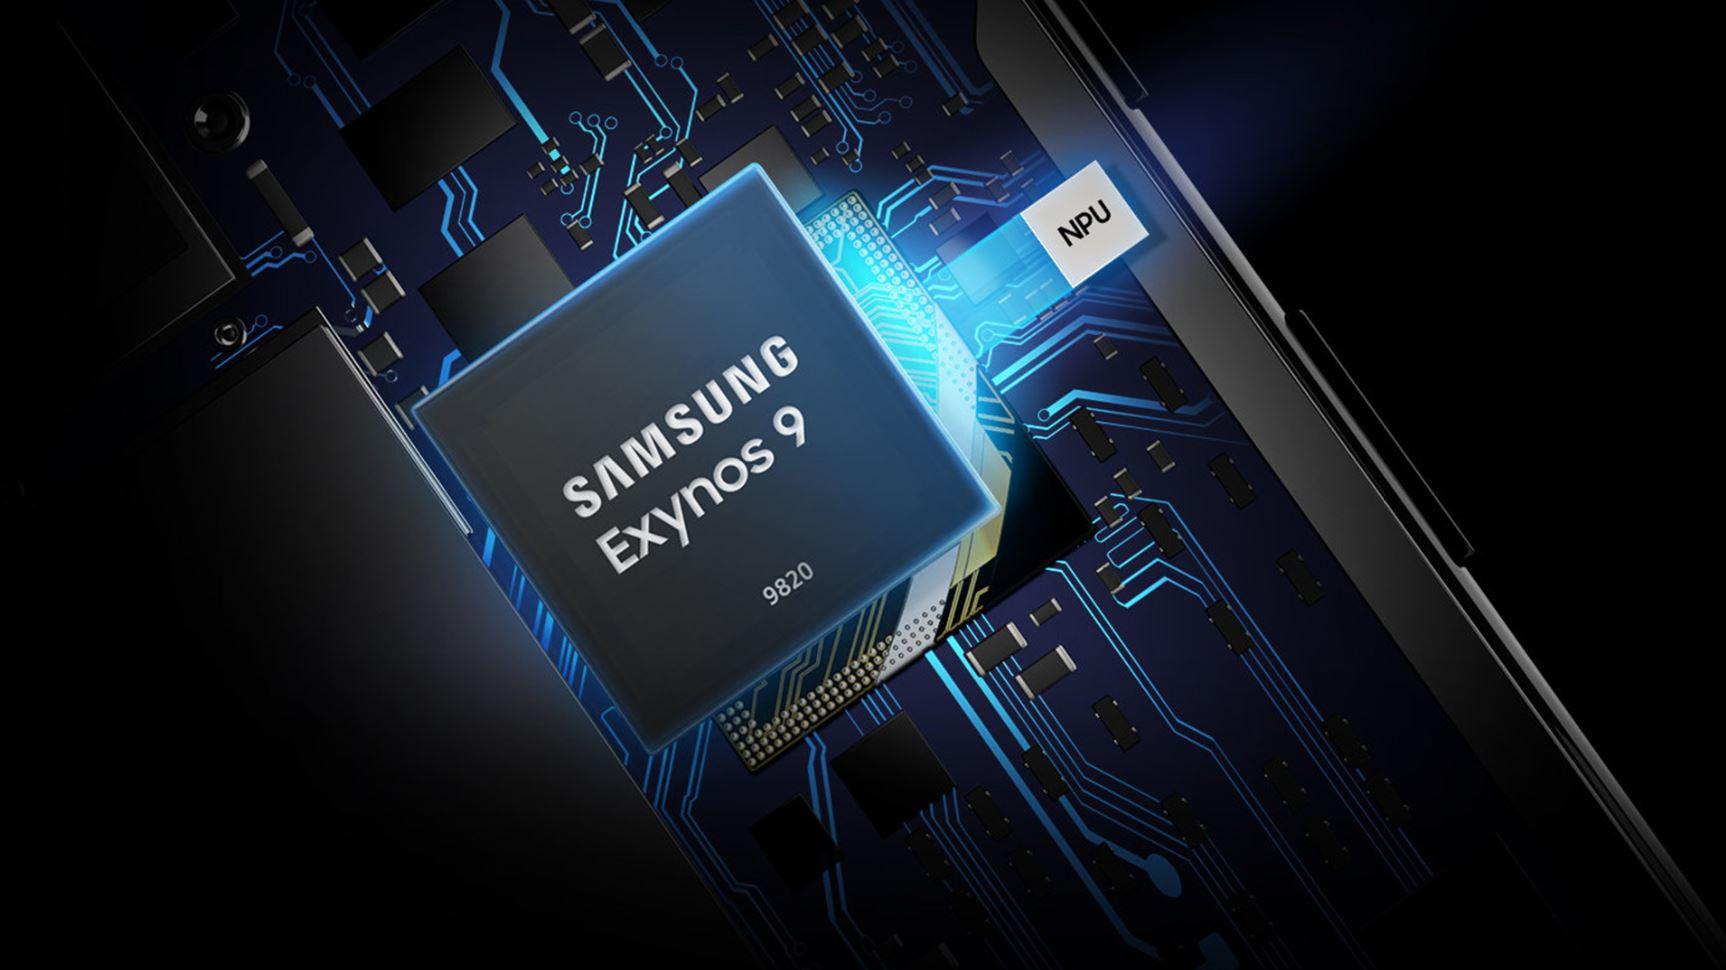 Exynos 9820 chính thức ra mắt: 8nm LPP FinFET, tối ưu AI, Gaming và tốc độ internet